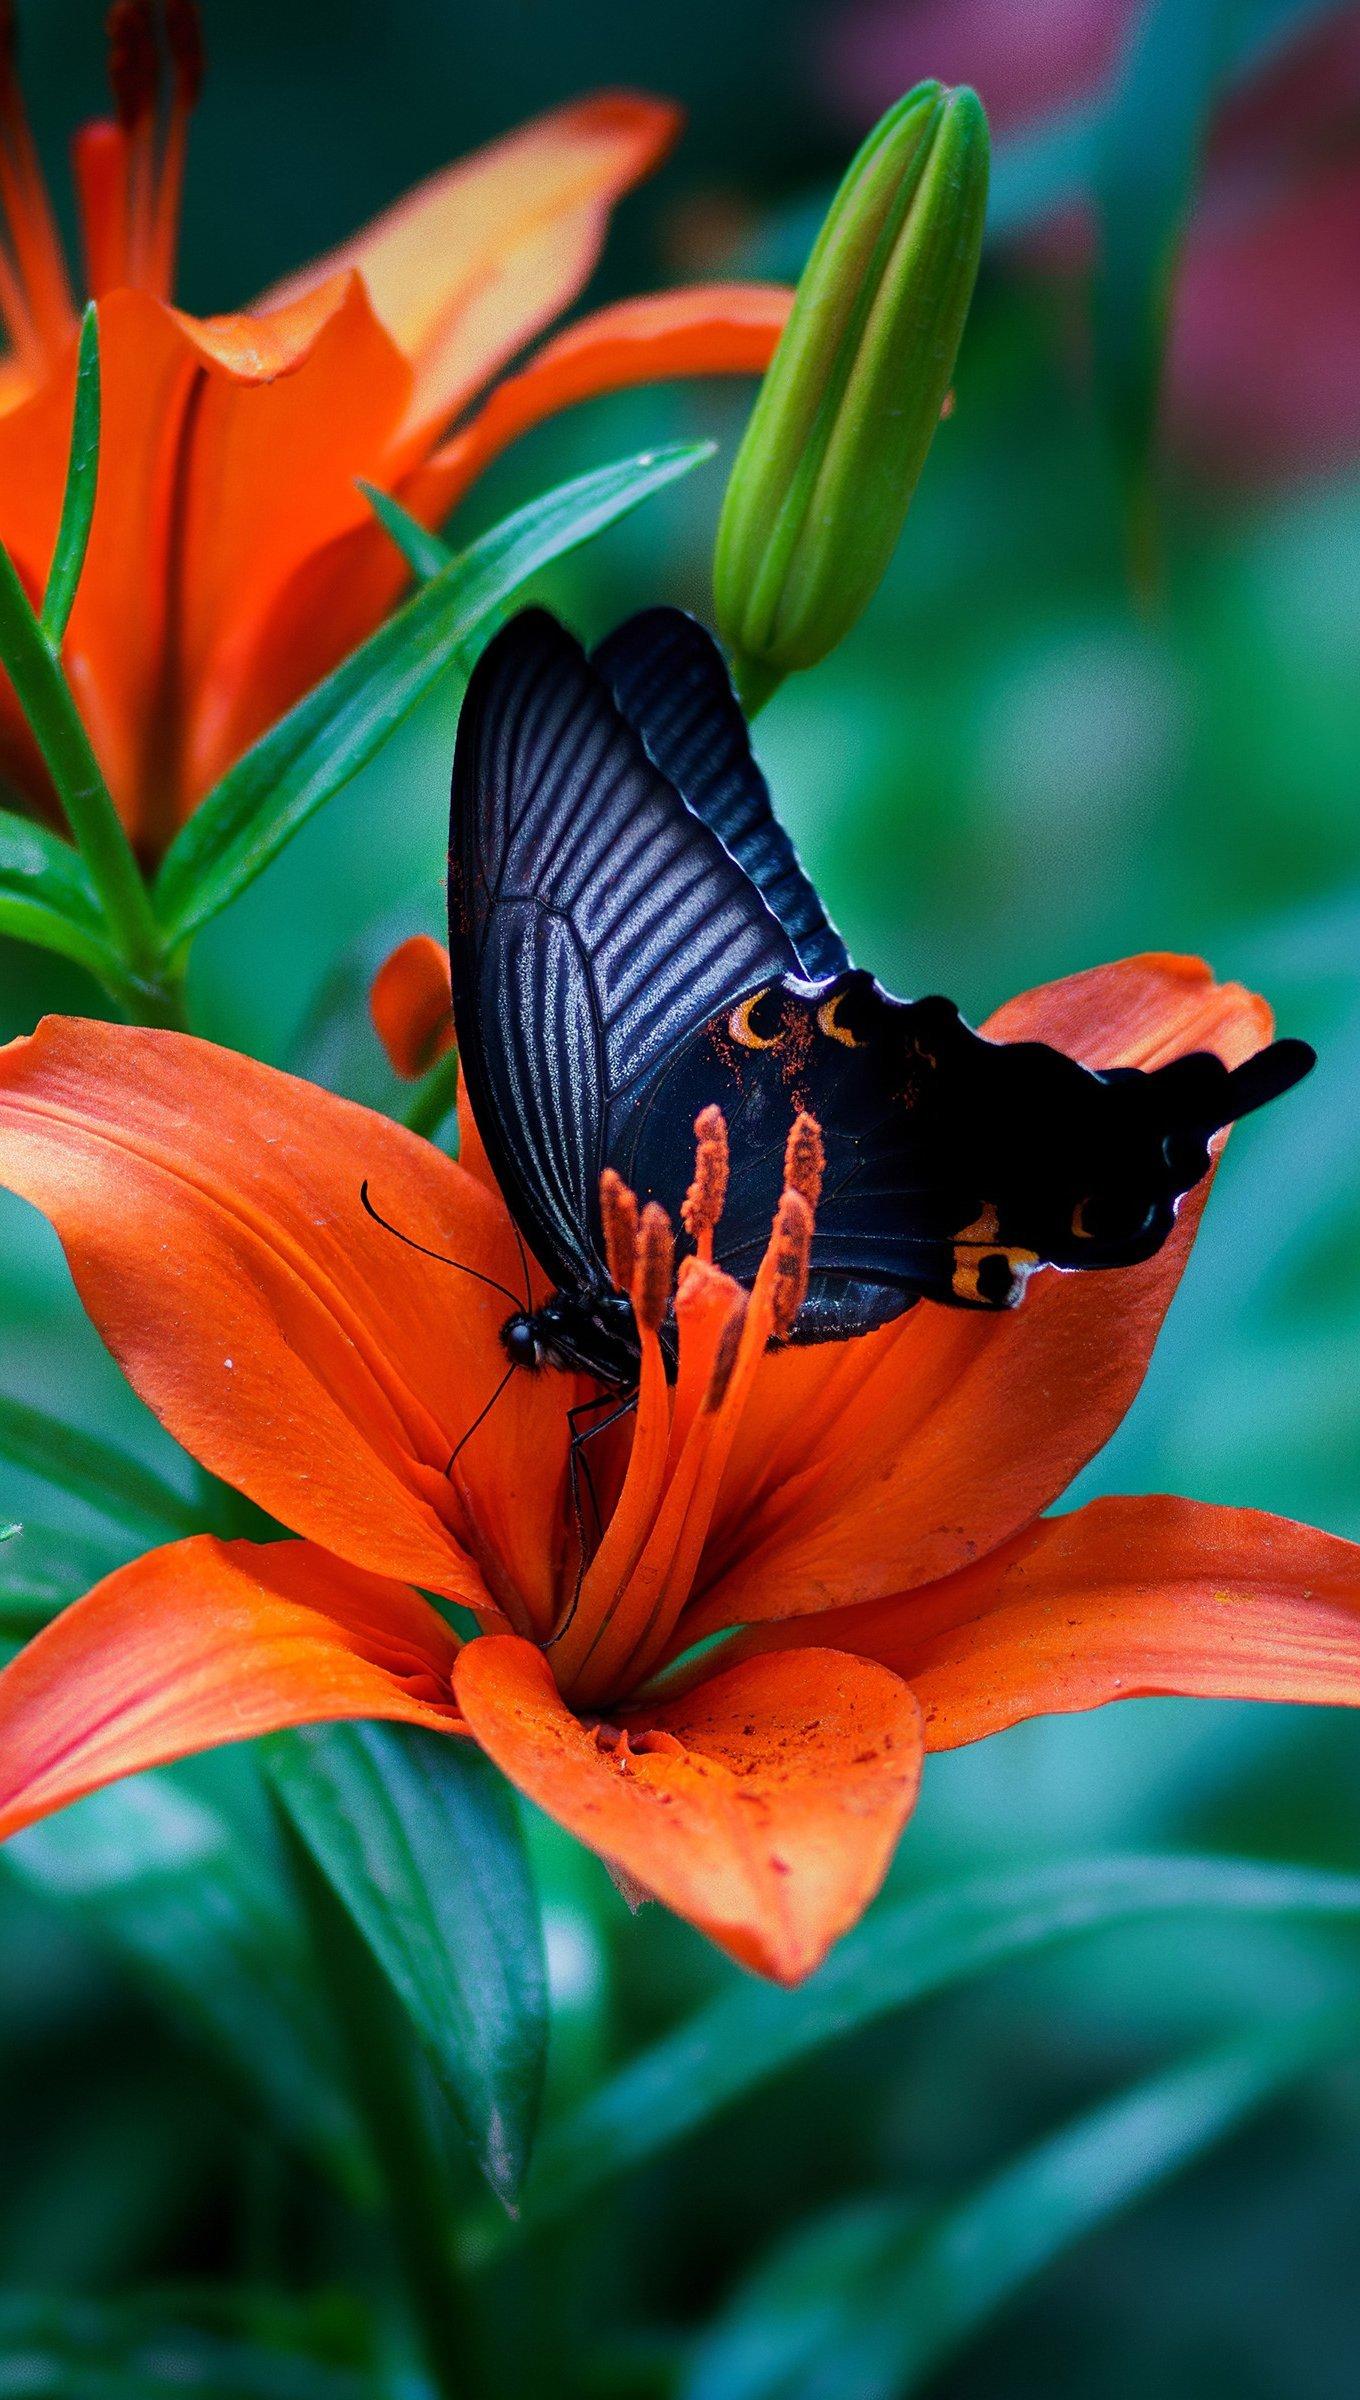 Wallpaper Butterfly in flower Vertical